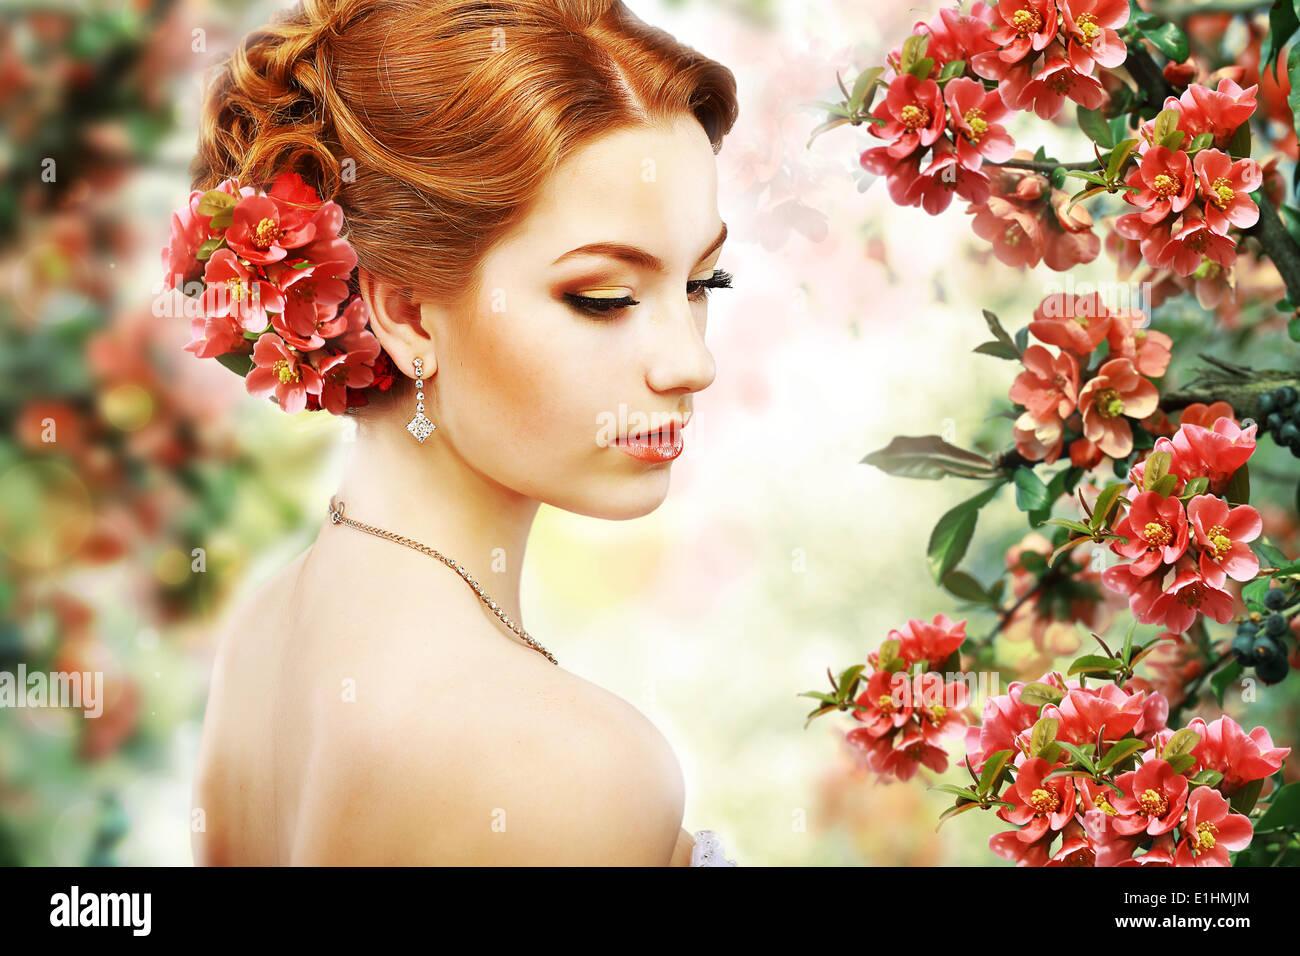 La relajación. Perfil de cabello rojo sobre fondo floral de belleza natural. La naturaleza. Flor Imagen De Stock